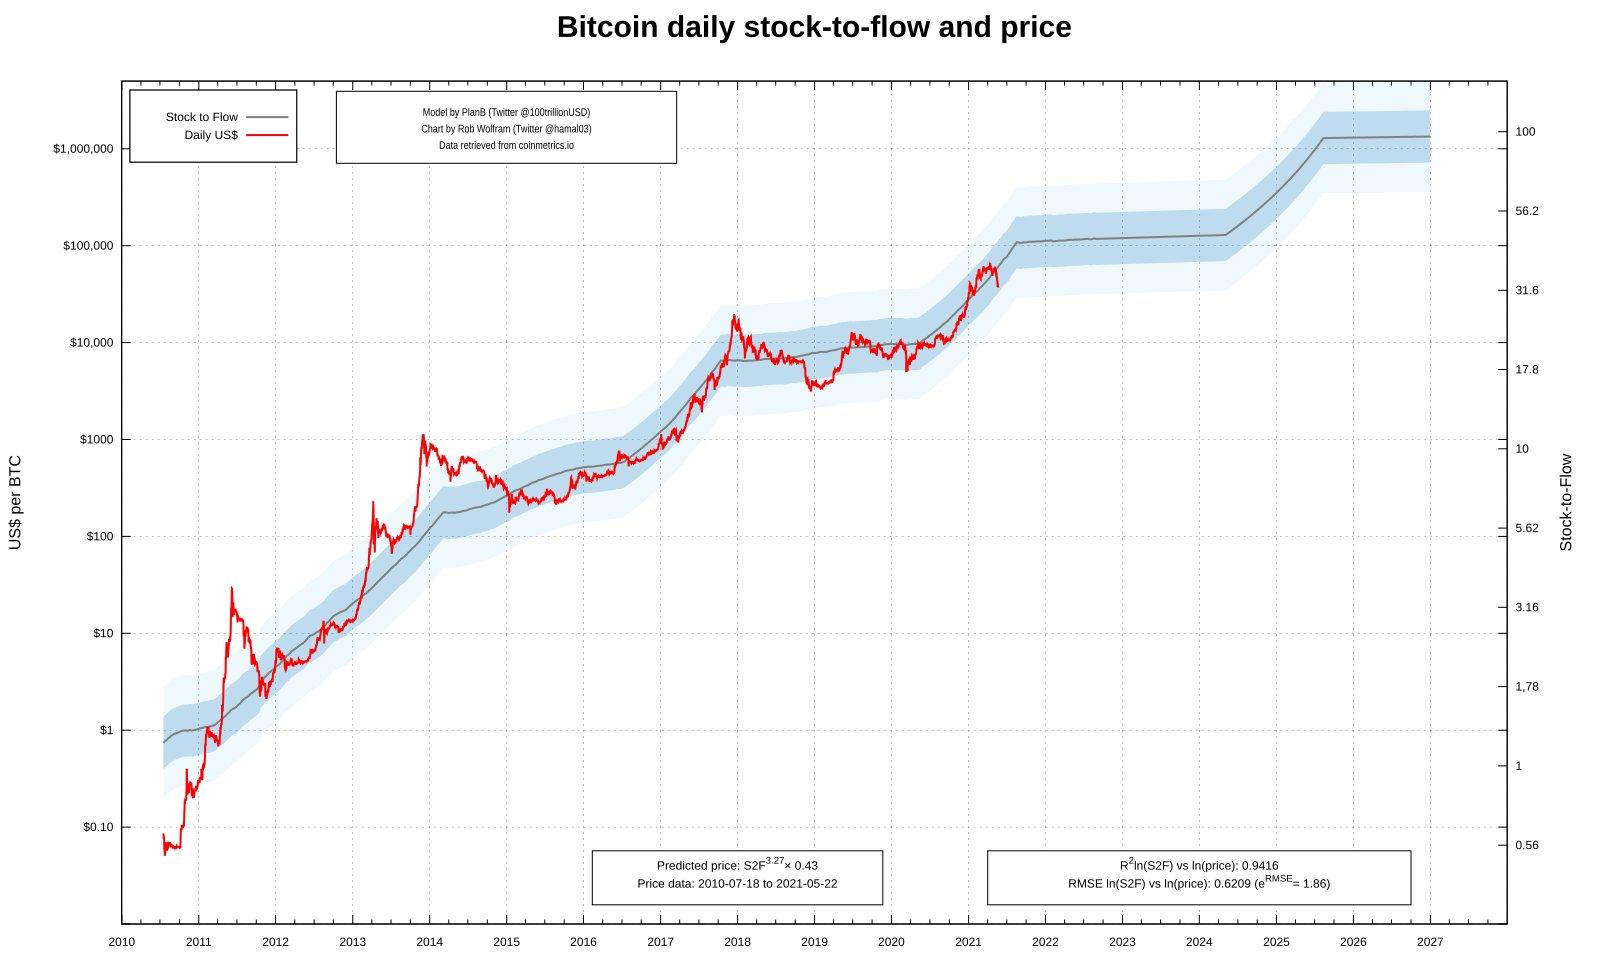 Grafico dello stock-to-flow vs. prezzo di BTC/USD